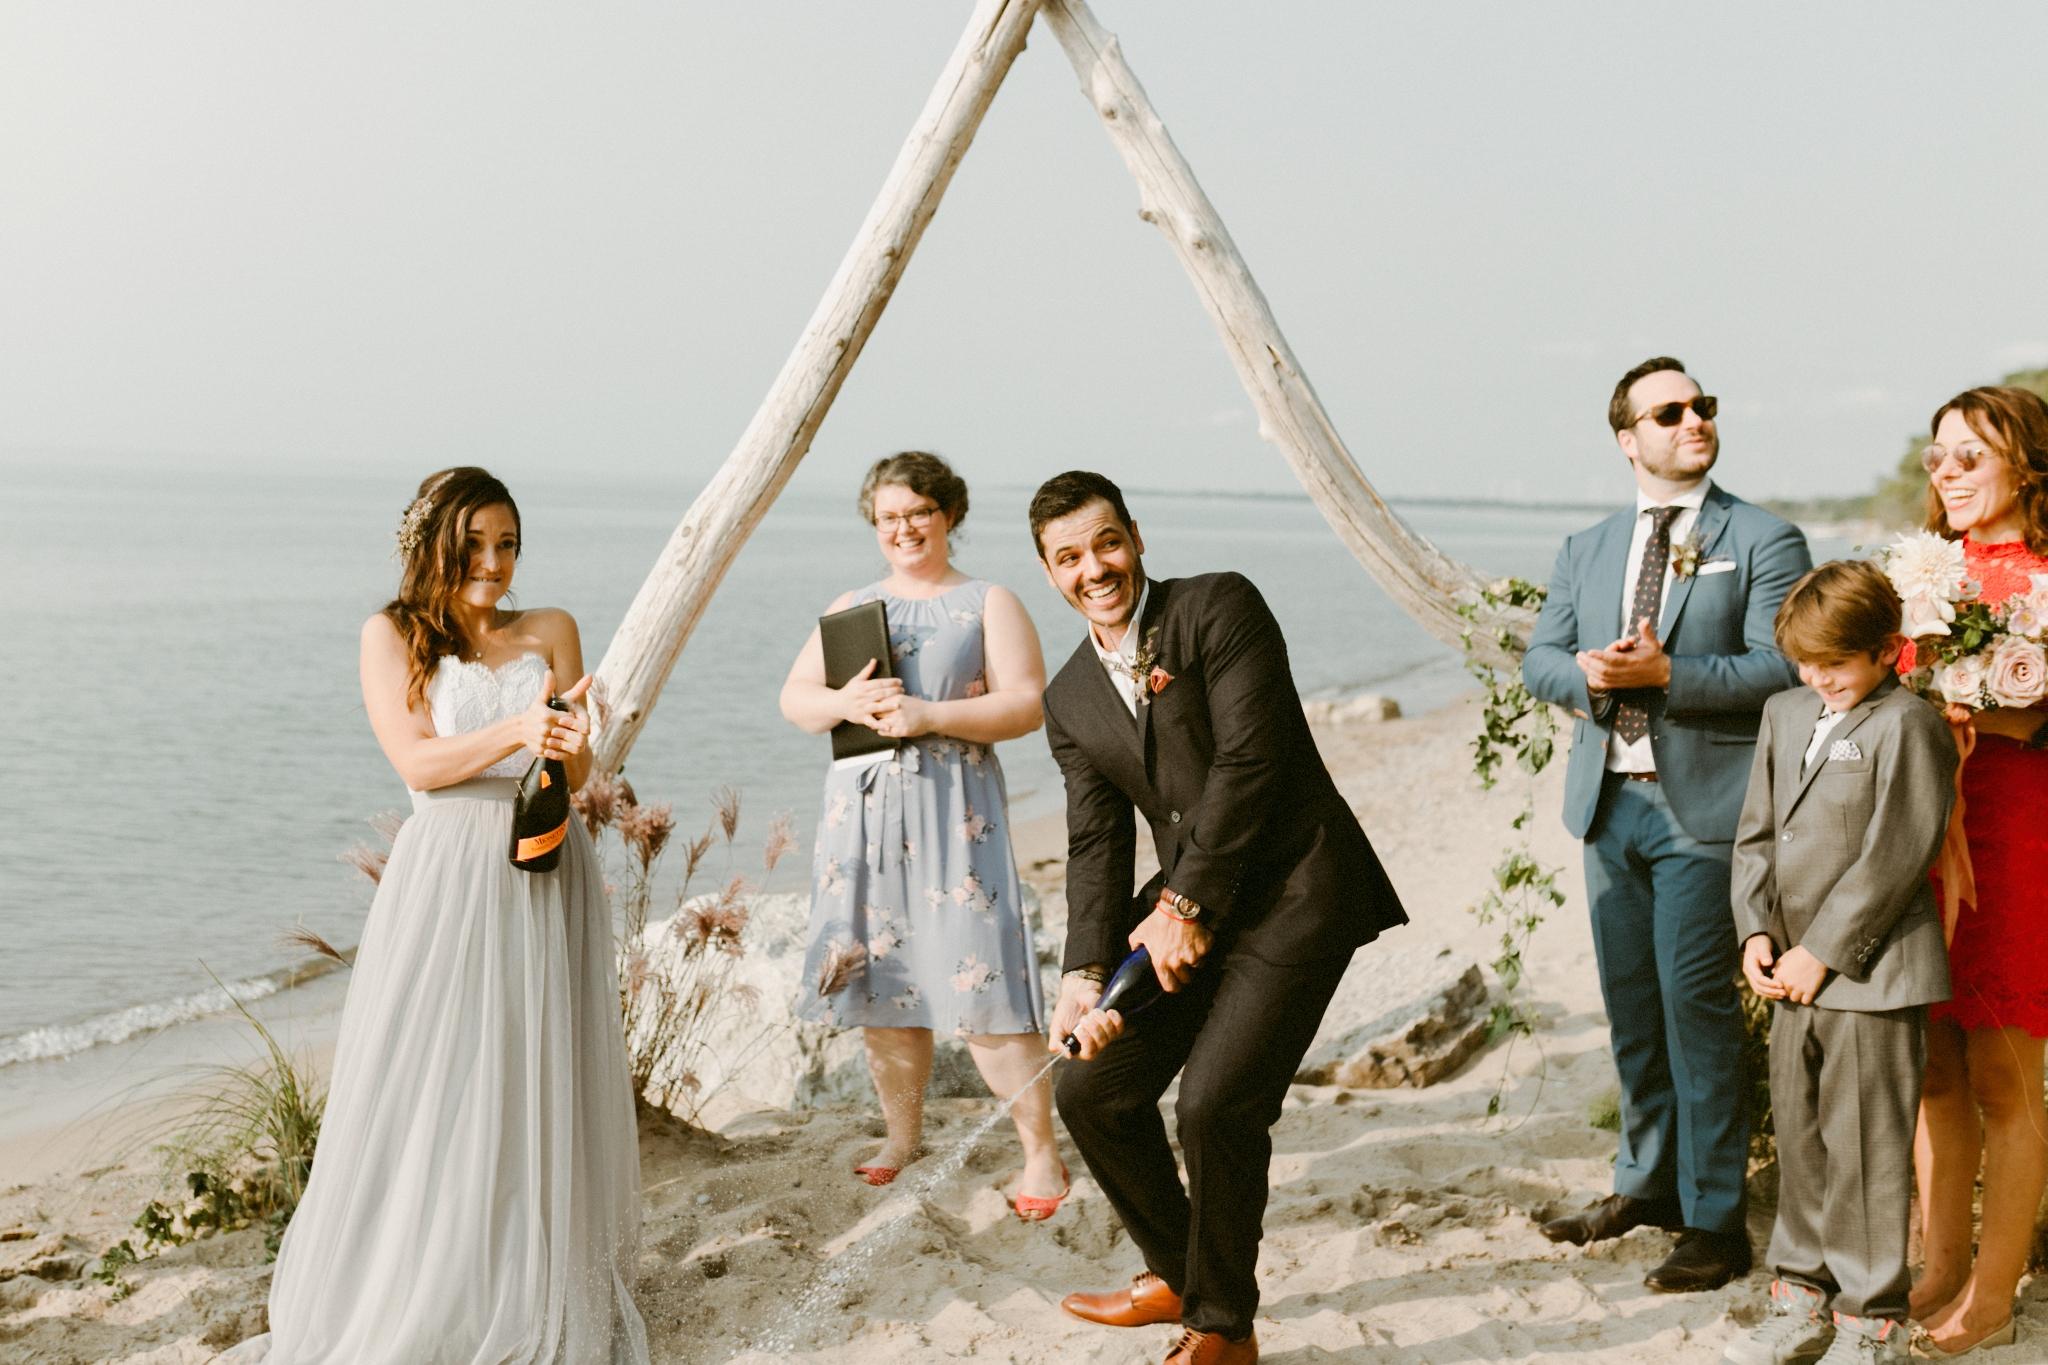 Cottage Wedding Photographer + Northern Wildflower-3.jpg